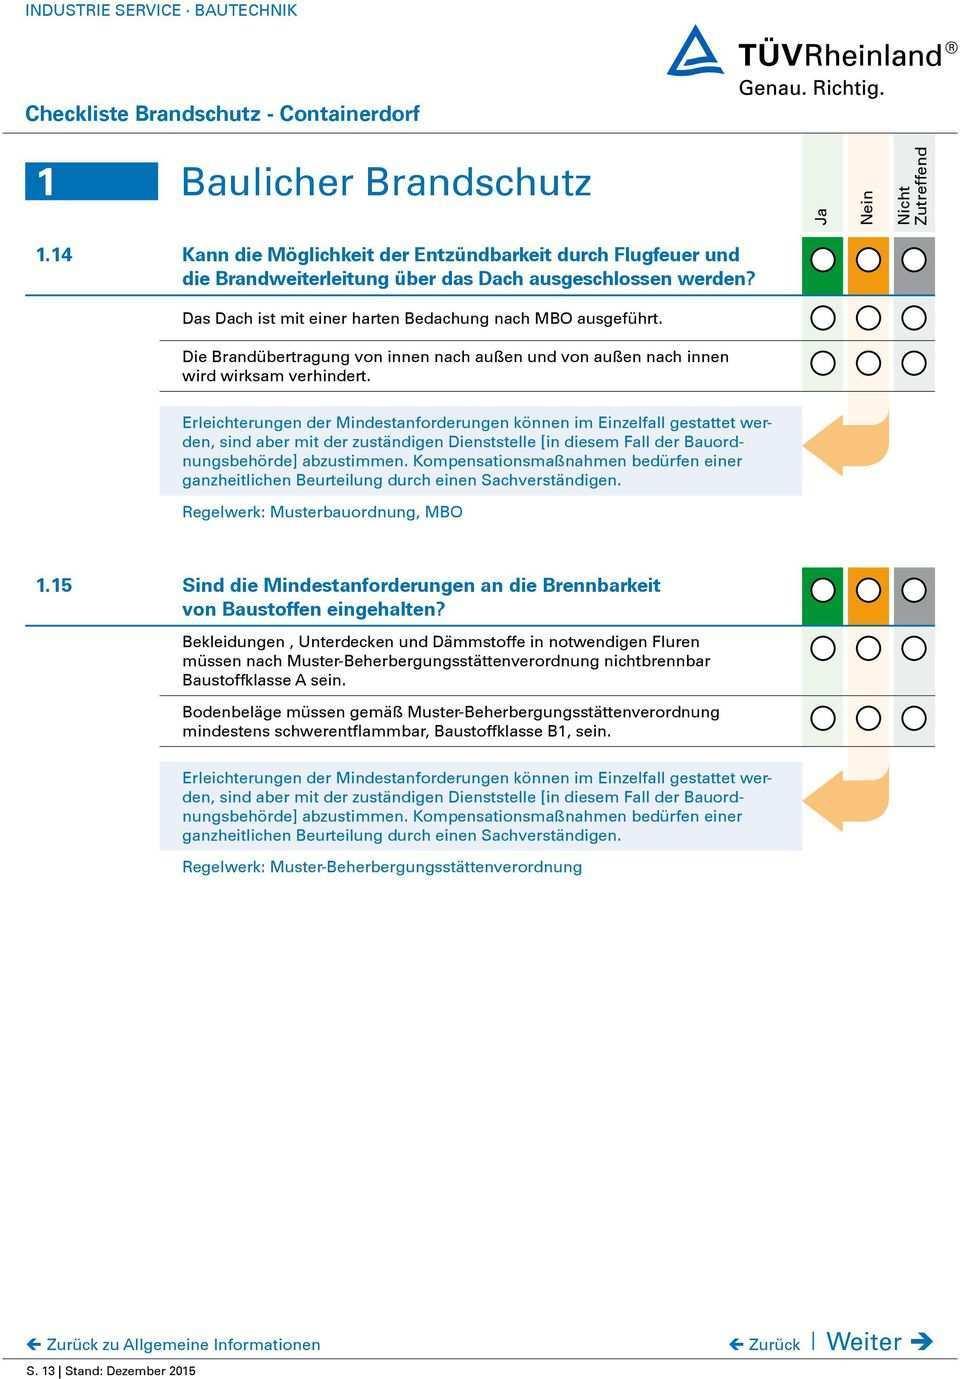 Checkliste Zur Erstbeurteilung Des Brandschutzes Fur Fluchtlingsunterkunfte Pdf Free Download